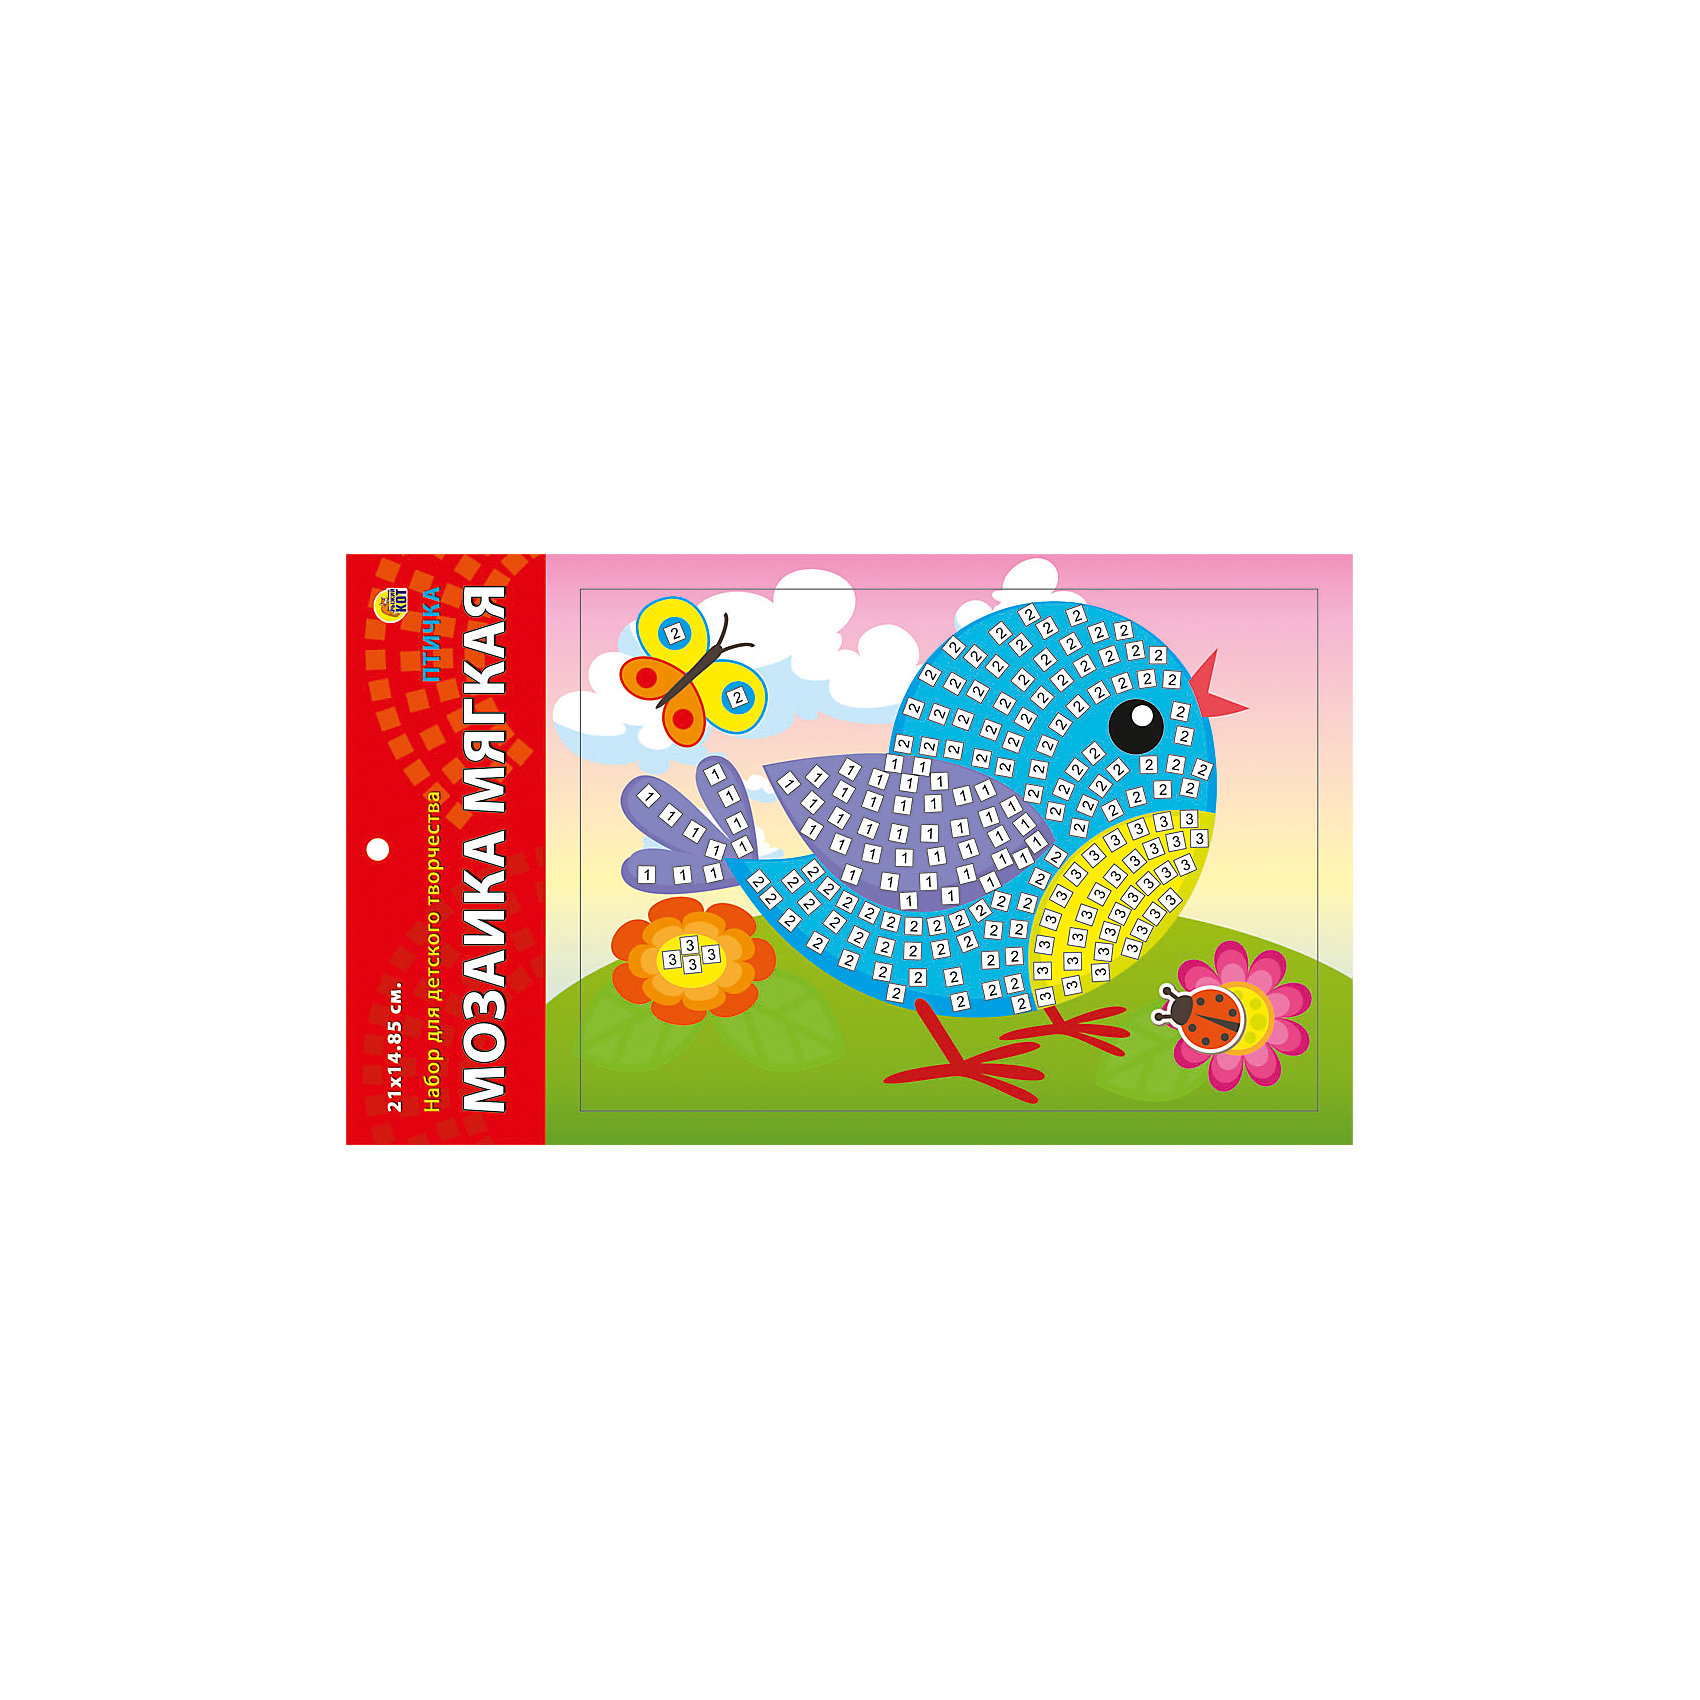 Издательство Рыжий кот Мягкая мозаика Птичка формат А5 (21х15 см) издательство рыжий кот мягкая мозаика обезьянка формат а5 21х15 см